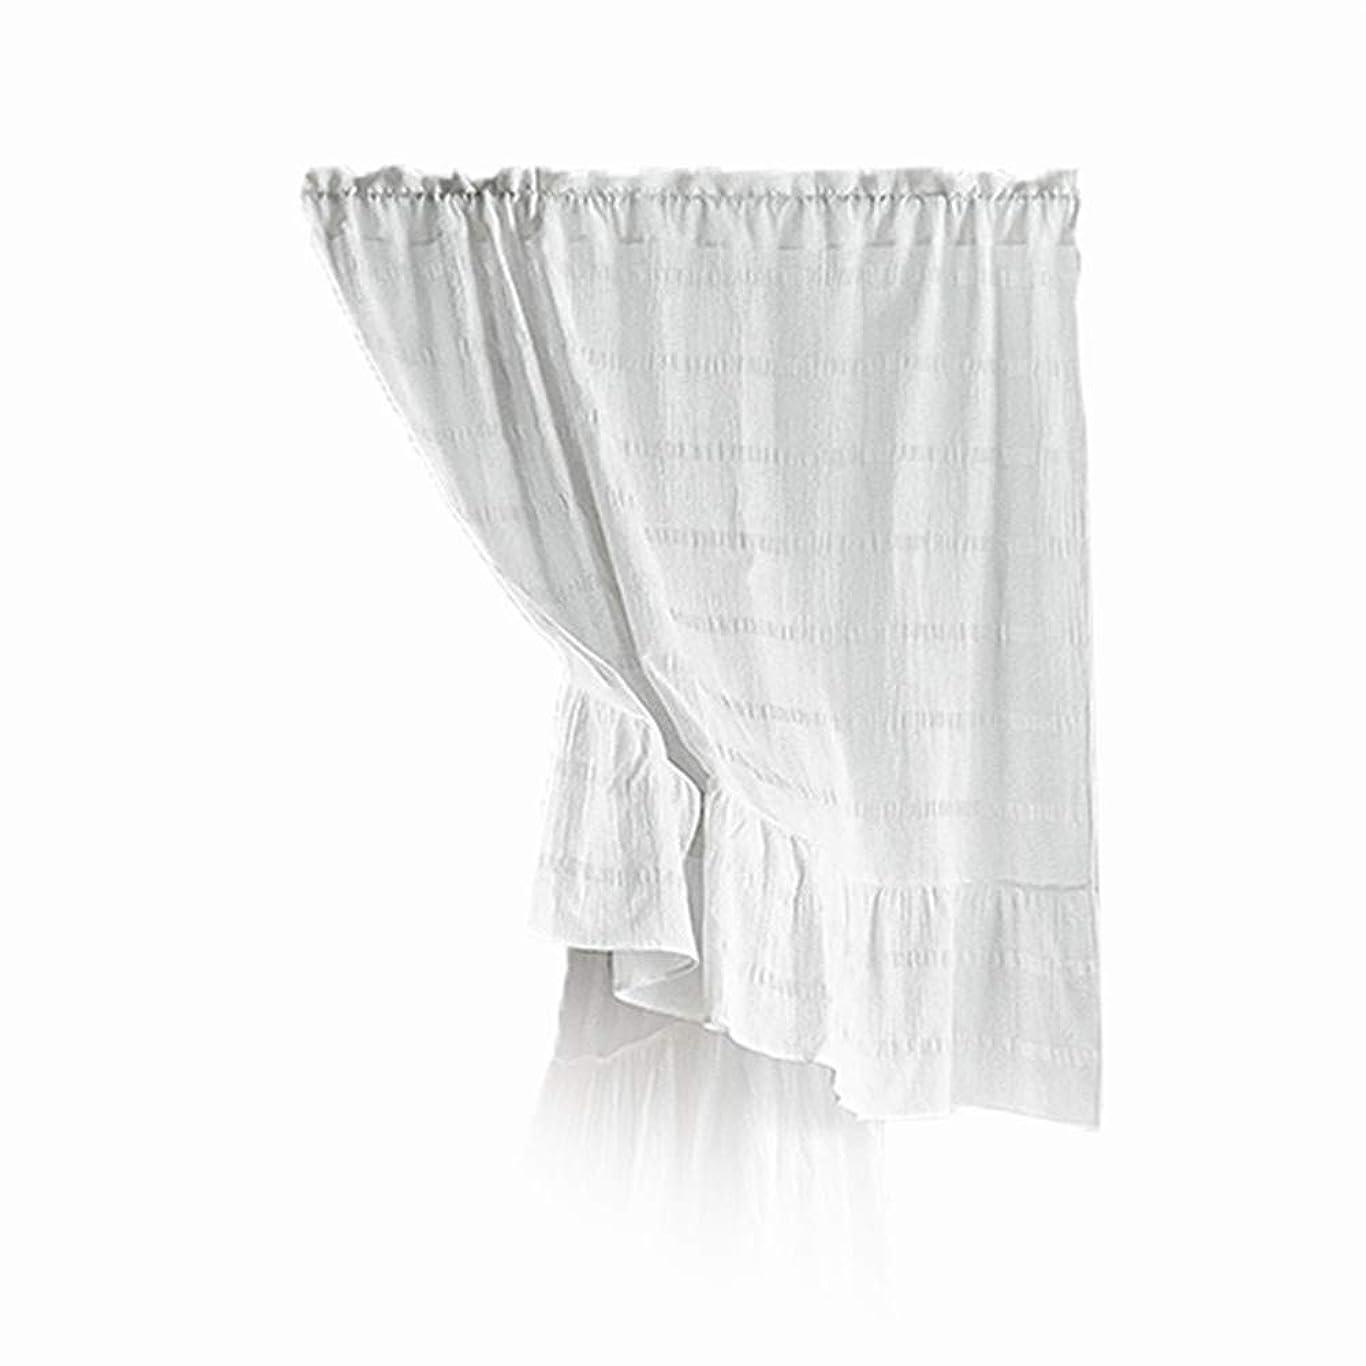 ポジティブ砲兵あさりコットンのシーリングドアカーテン、カーテンのタペストリー寝室の仕切り戸口のカーテンエネルギー効率の良い、台所の浴室の廊下のためのビーチウェイ家の装飾